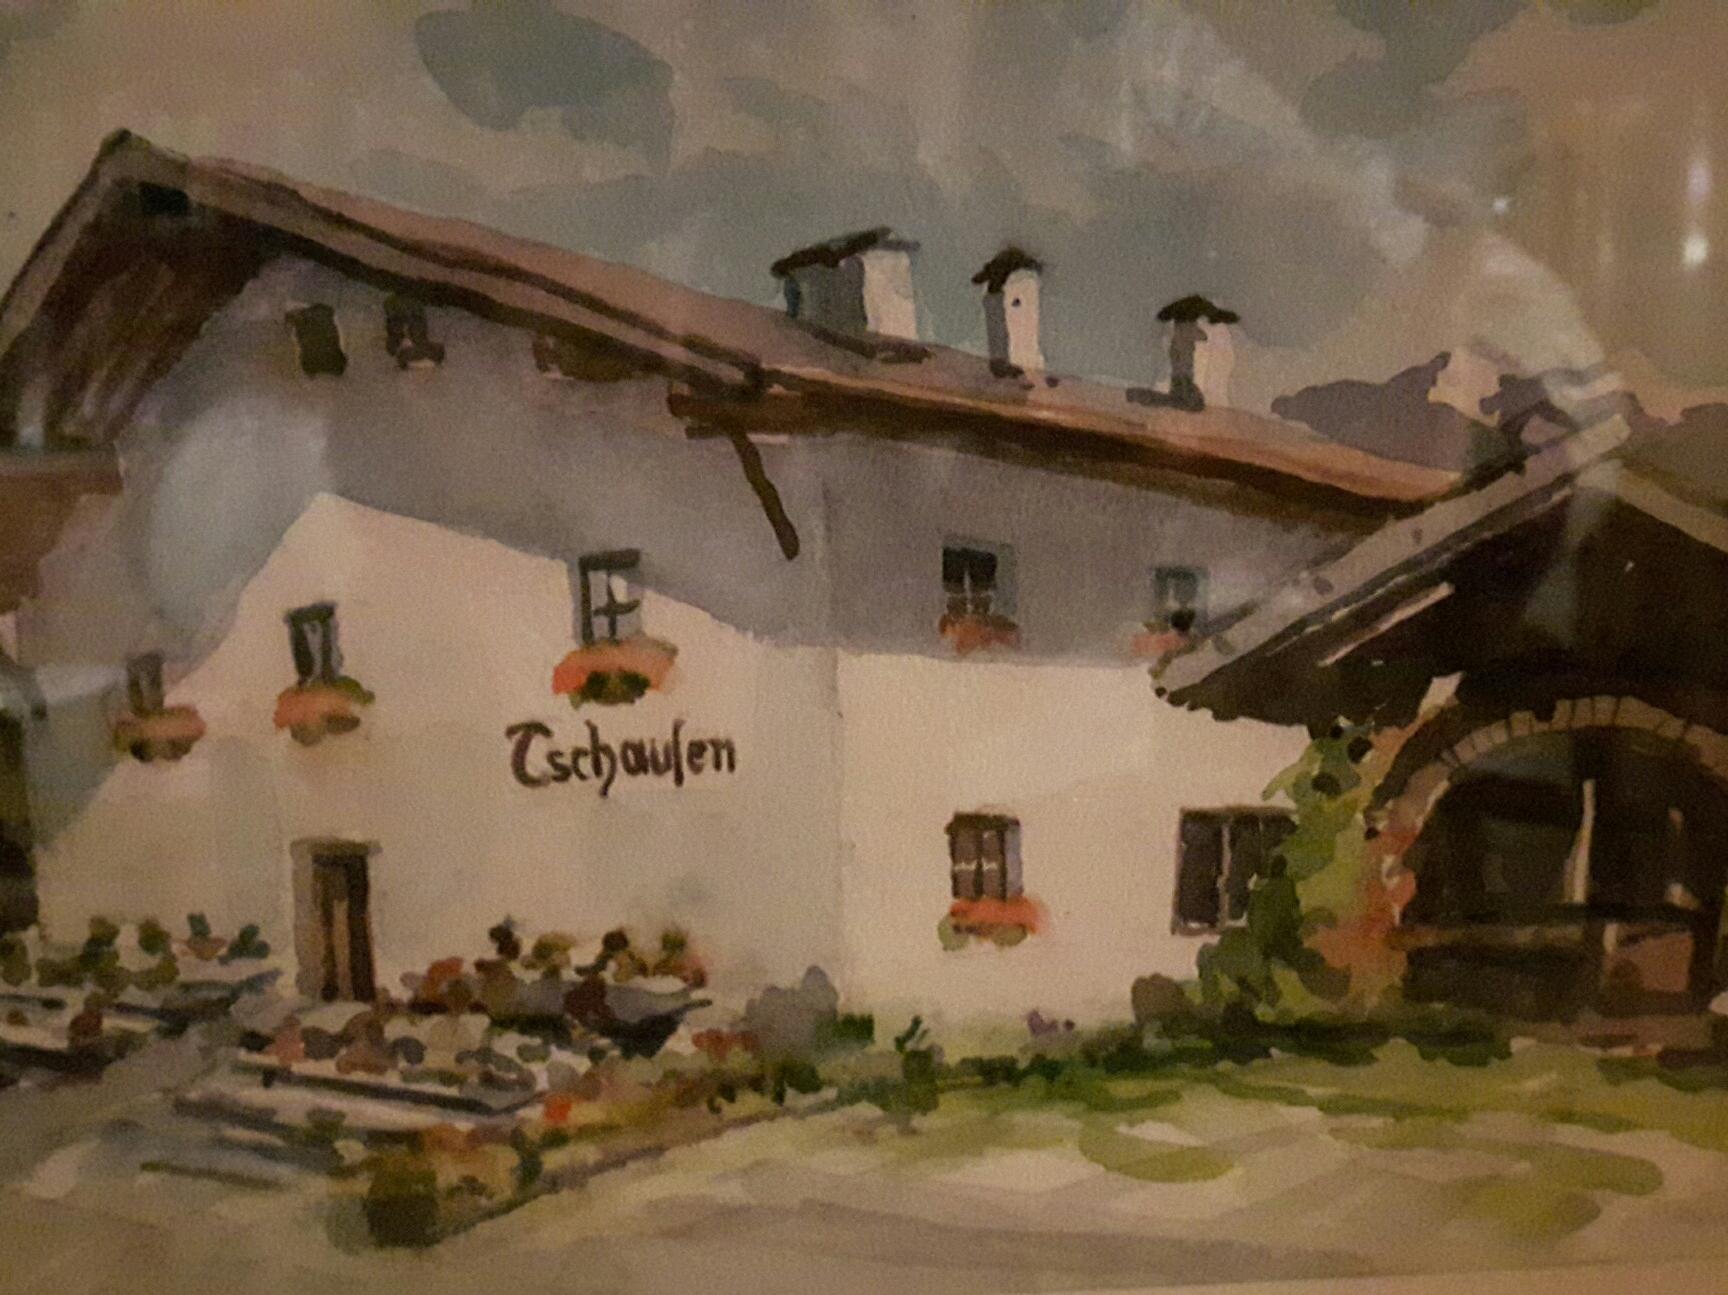 Mölten - St. Georgen - Gasthof Tschaufen